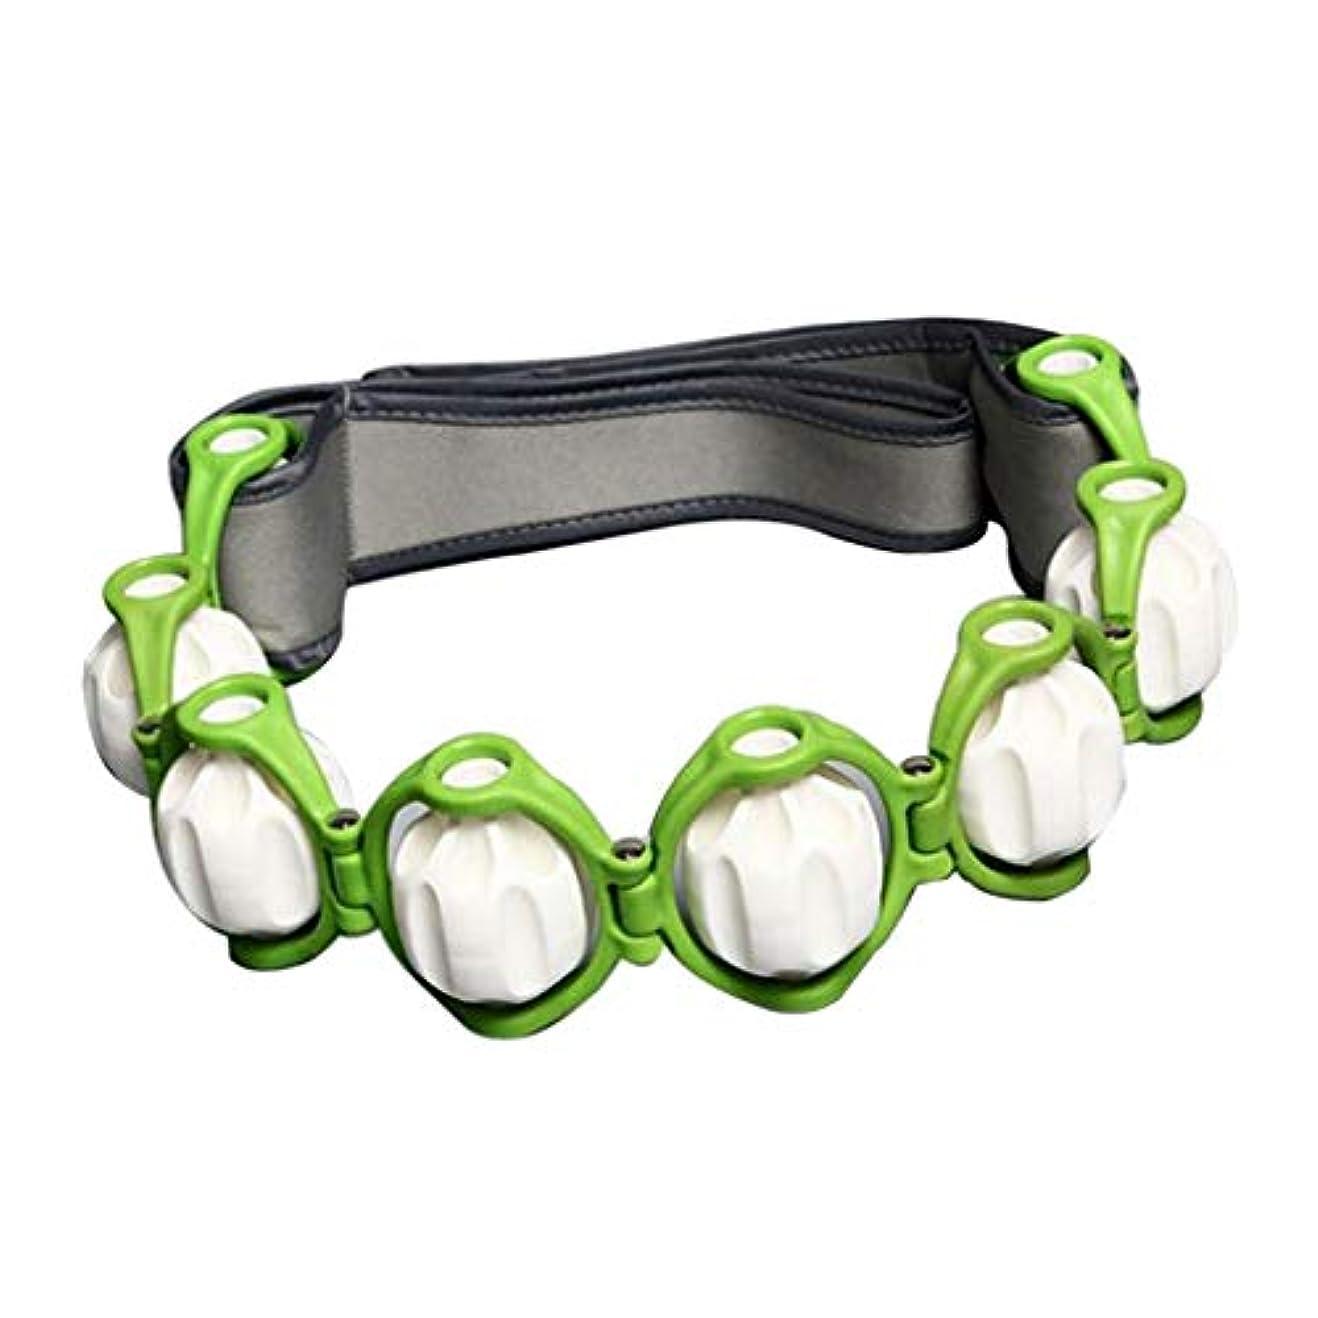 前兆マネージャー発火するボディマッサージローラー ロープ付き 六つボール 4色選べ - 緑, 説明したように